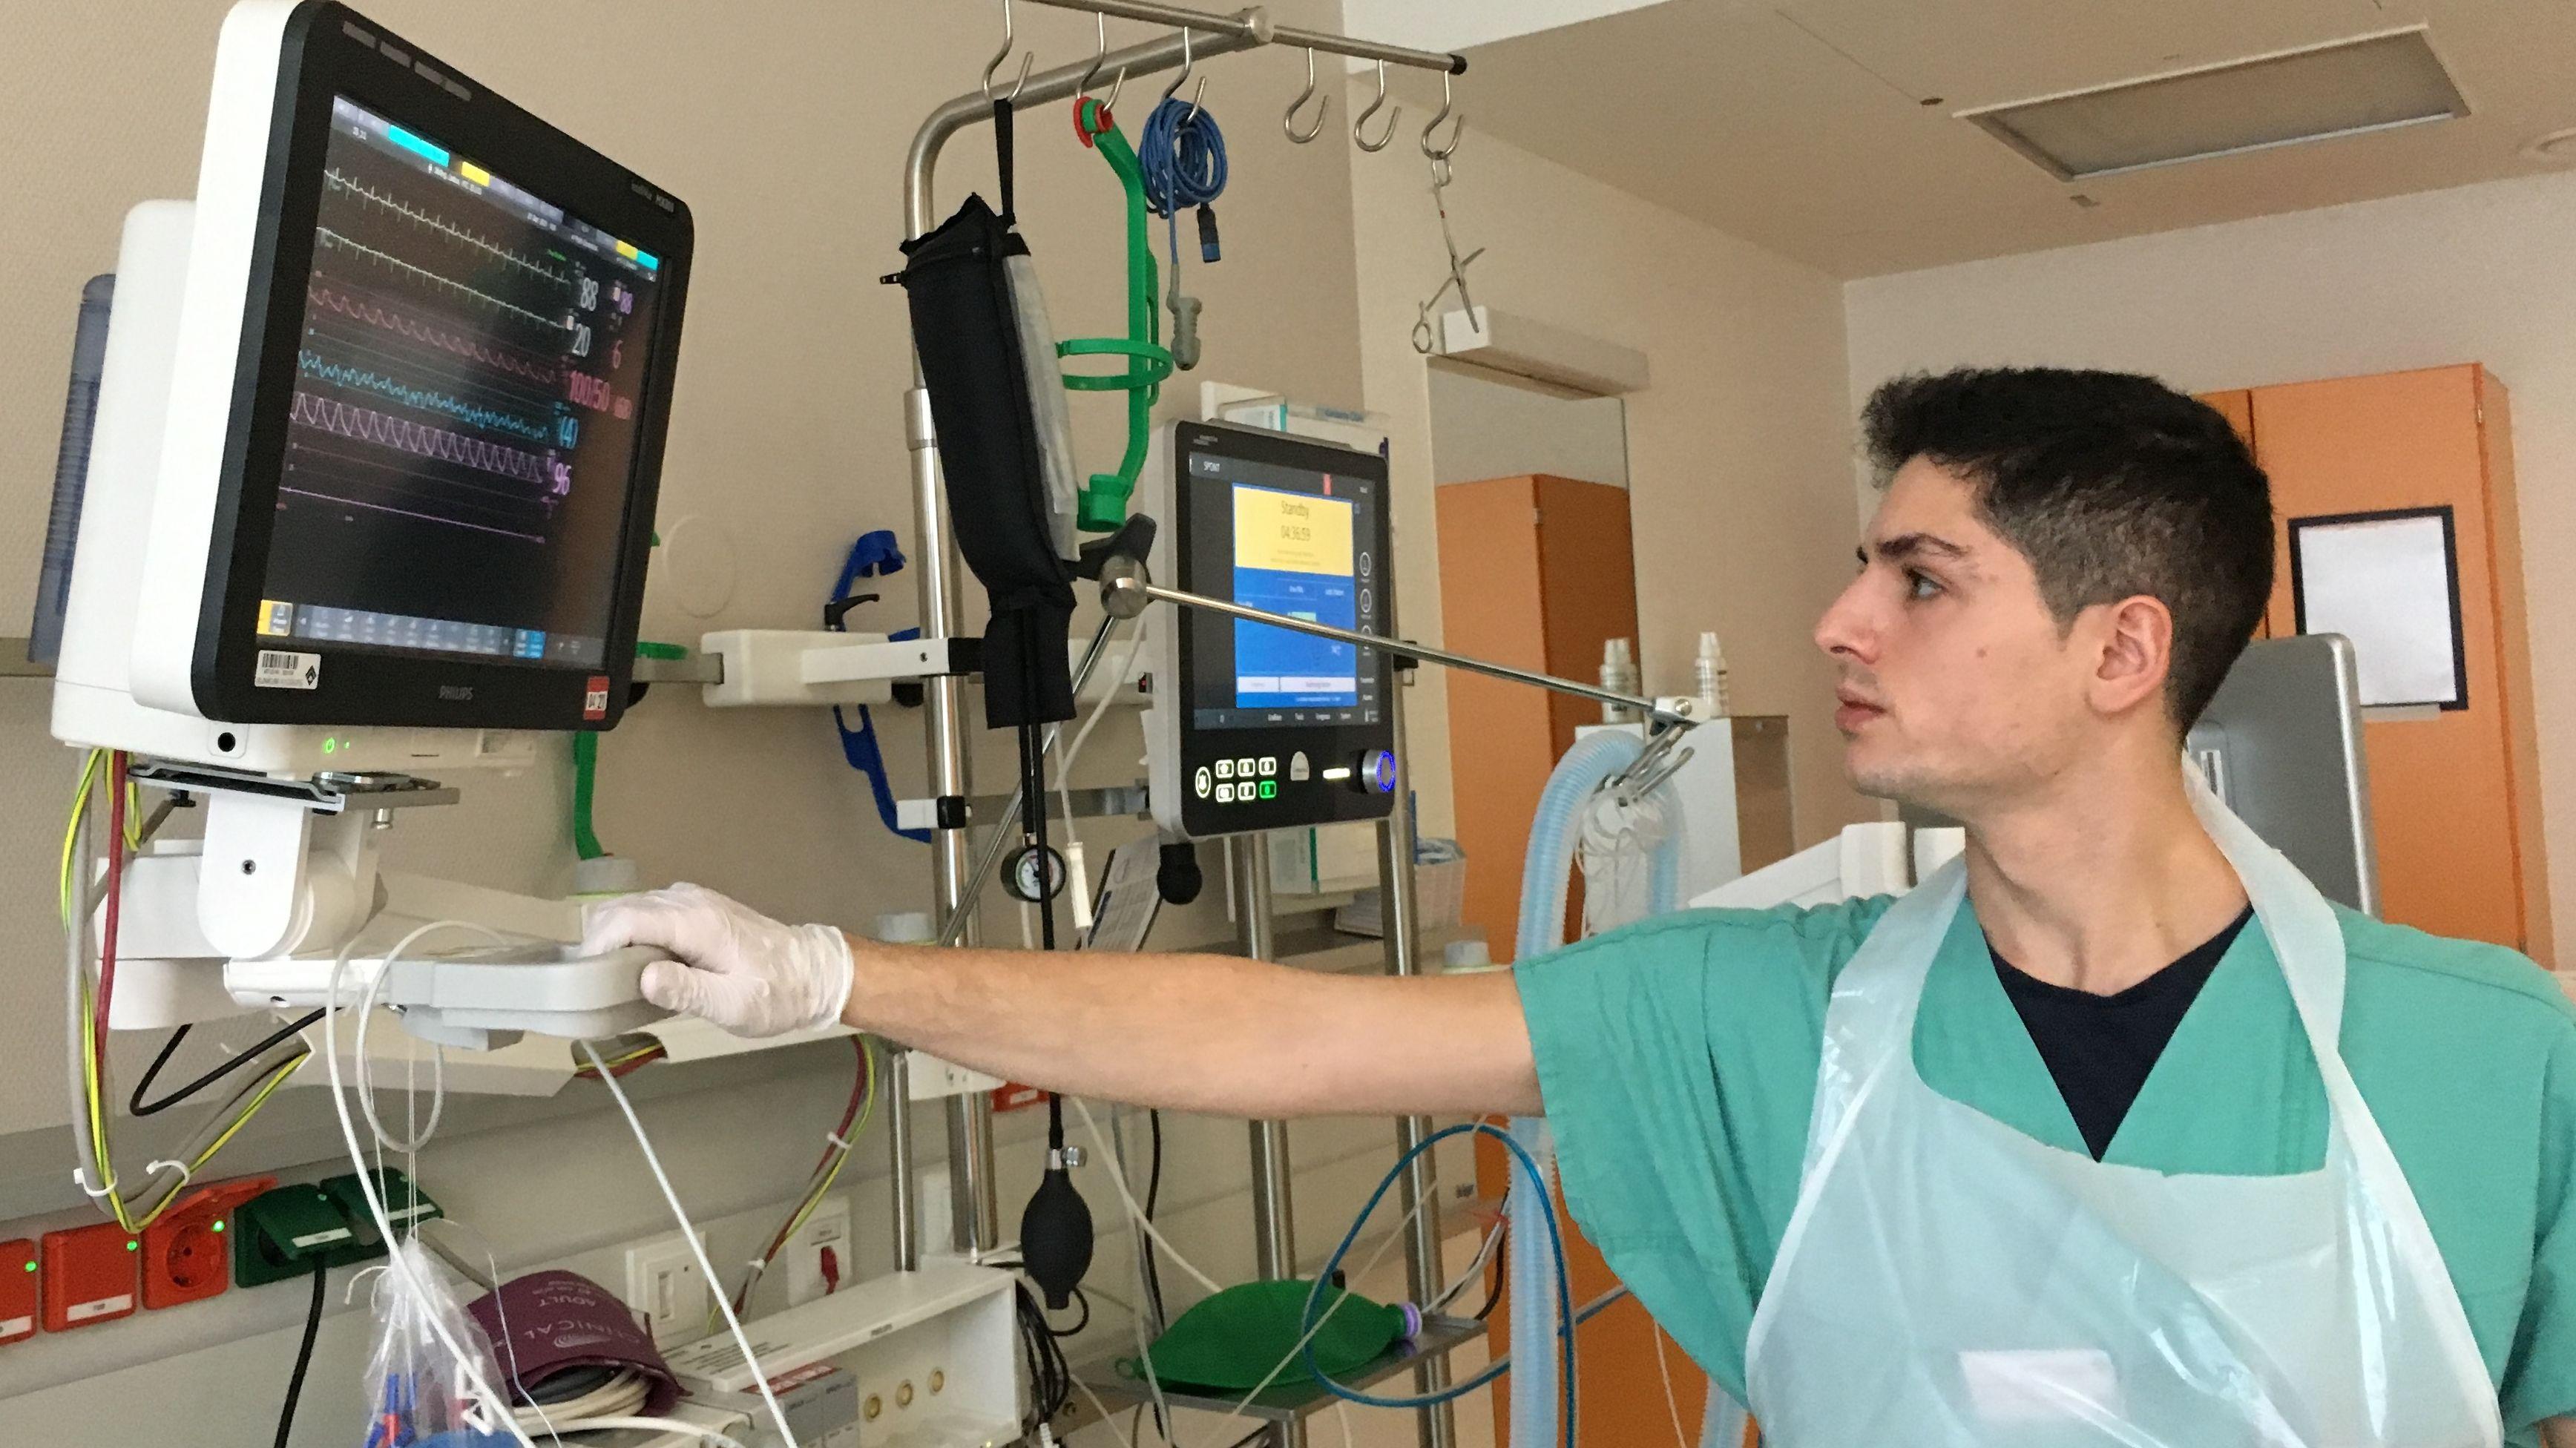 Alberto Gallifuoco, der erste italienische Pfleger am Uniklinikum Augsburg, schaut auf einen Überwachungsmonitor.